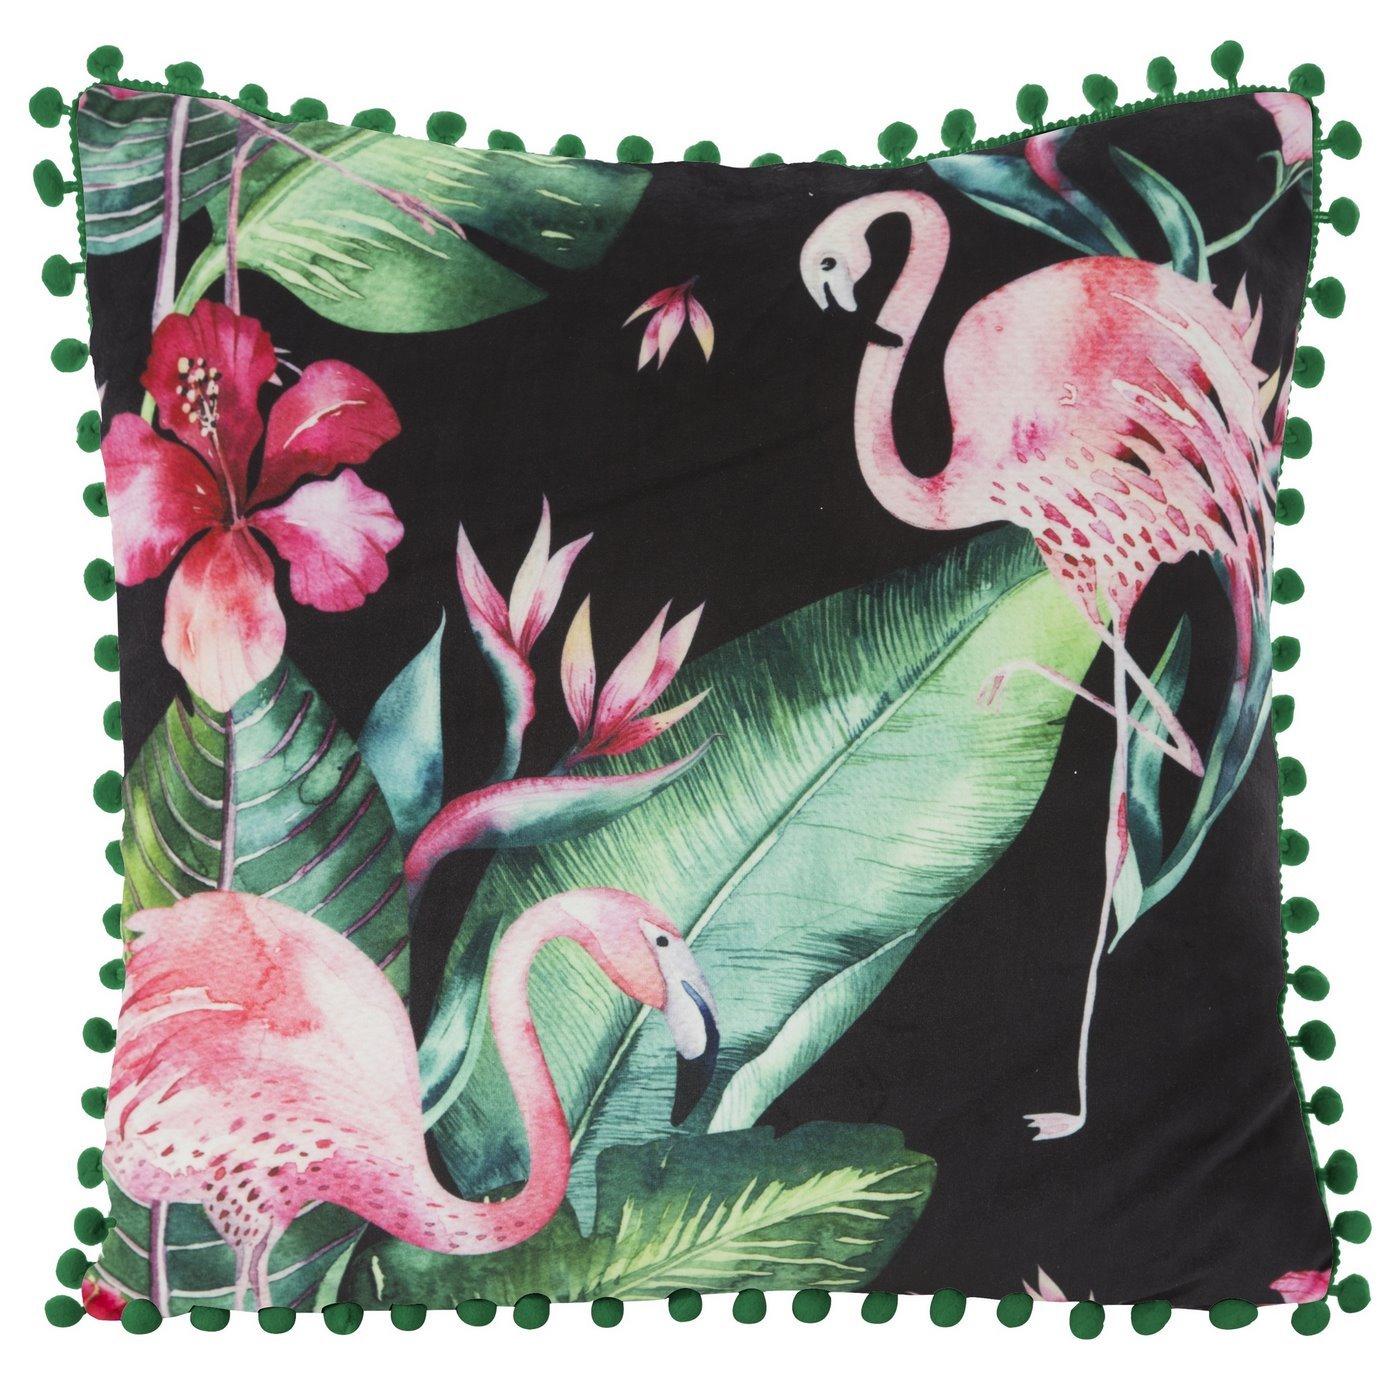 Poszewka modny wzór we flamingi z pomponikami 45x45 cm